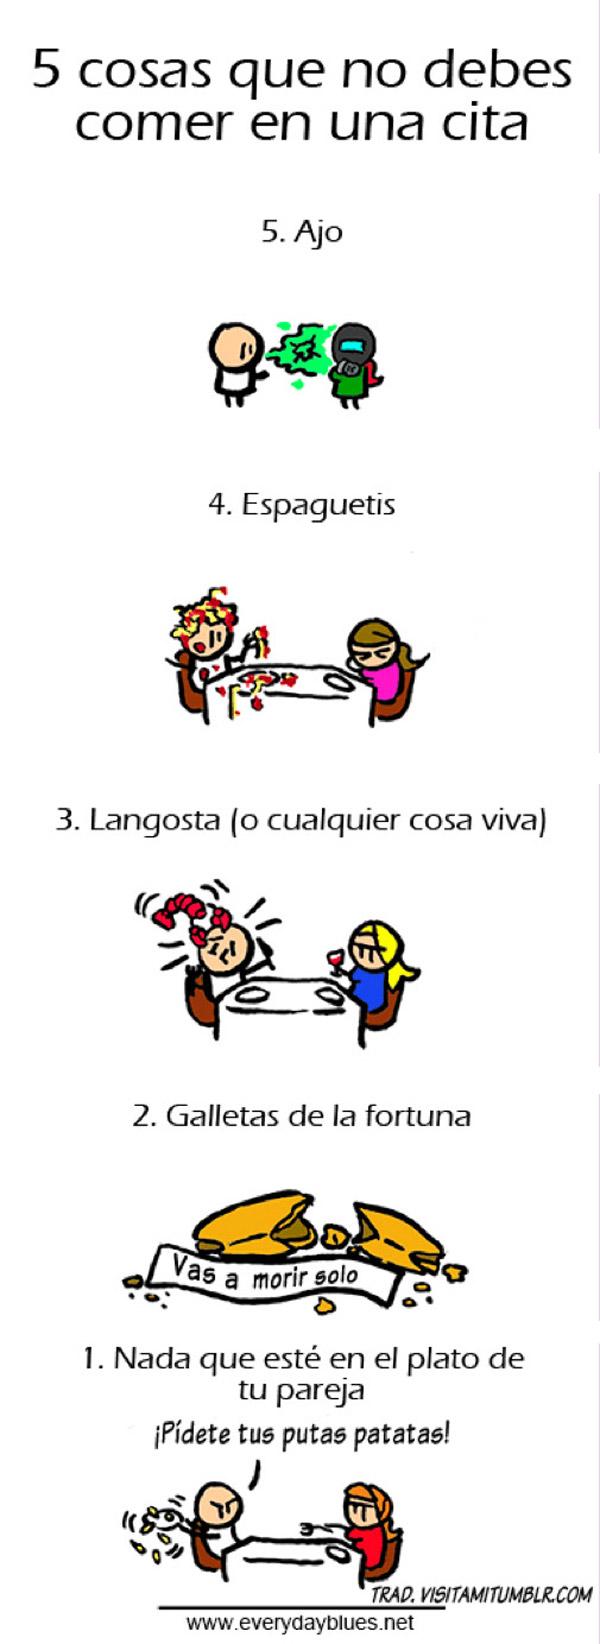 5 cosas que no debes comer en una cita